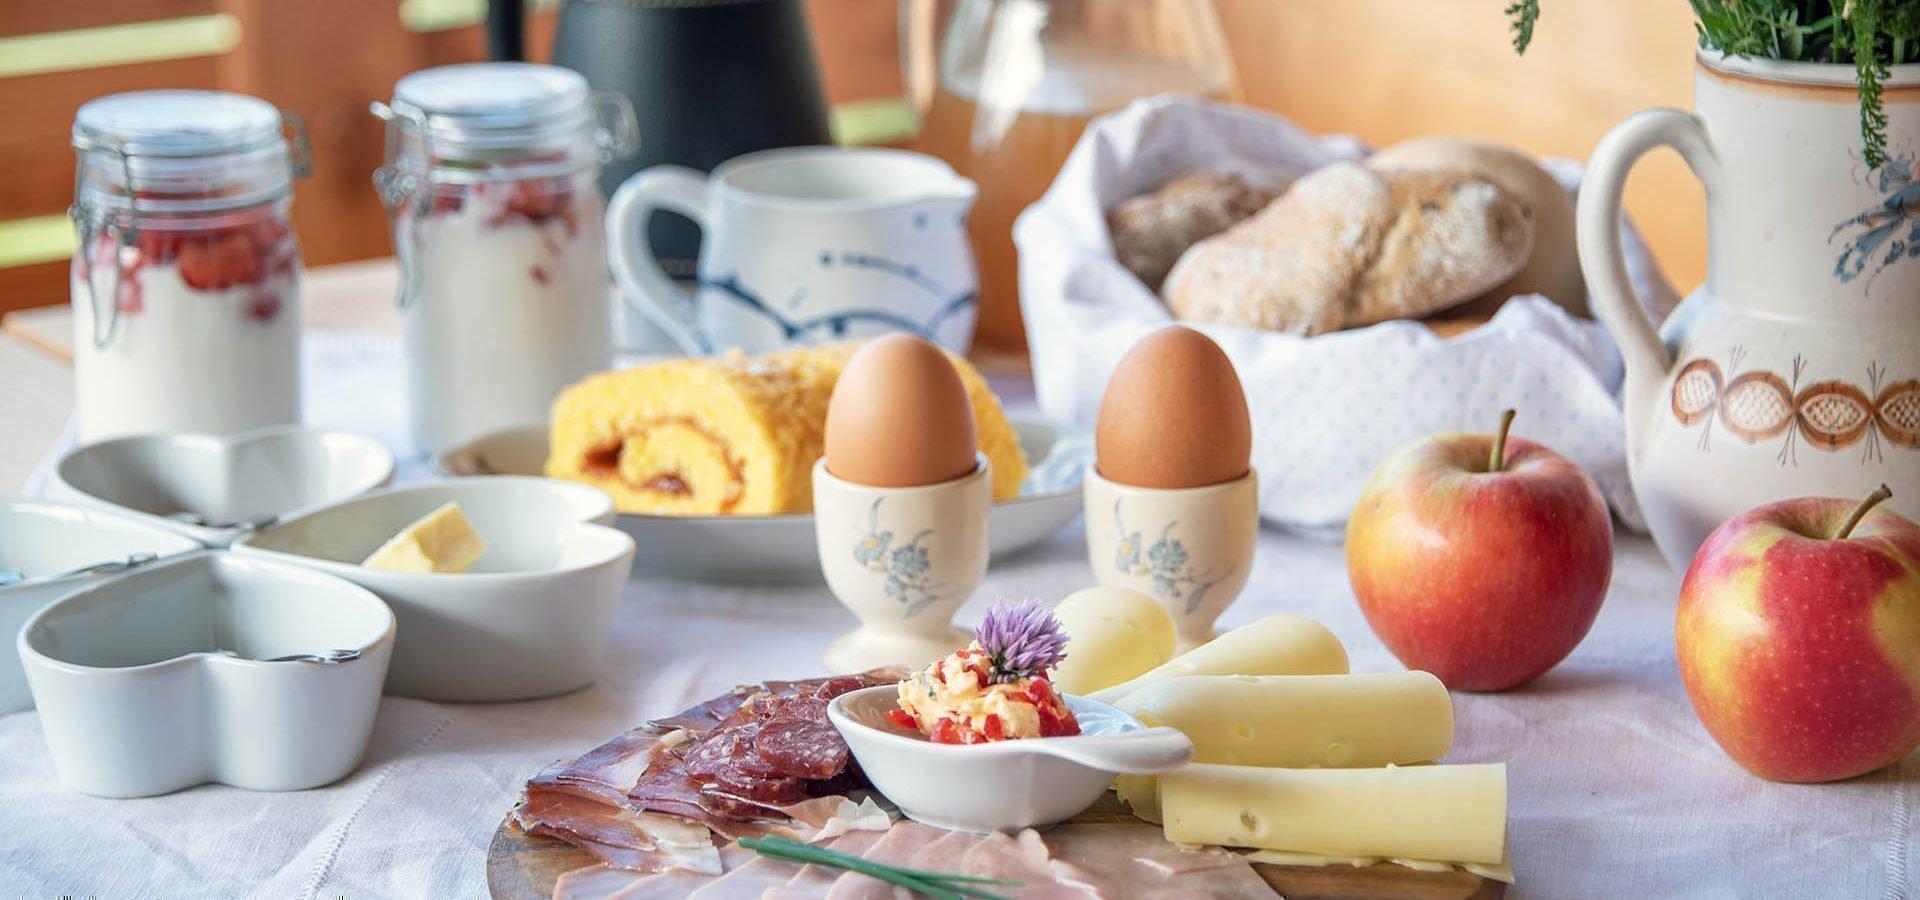 Urlaub auf dem Bauernhof mit Frühstück